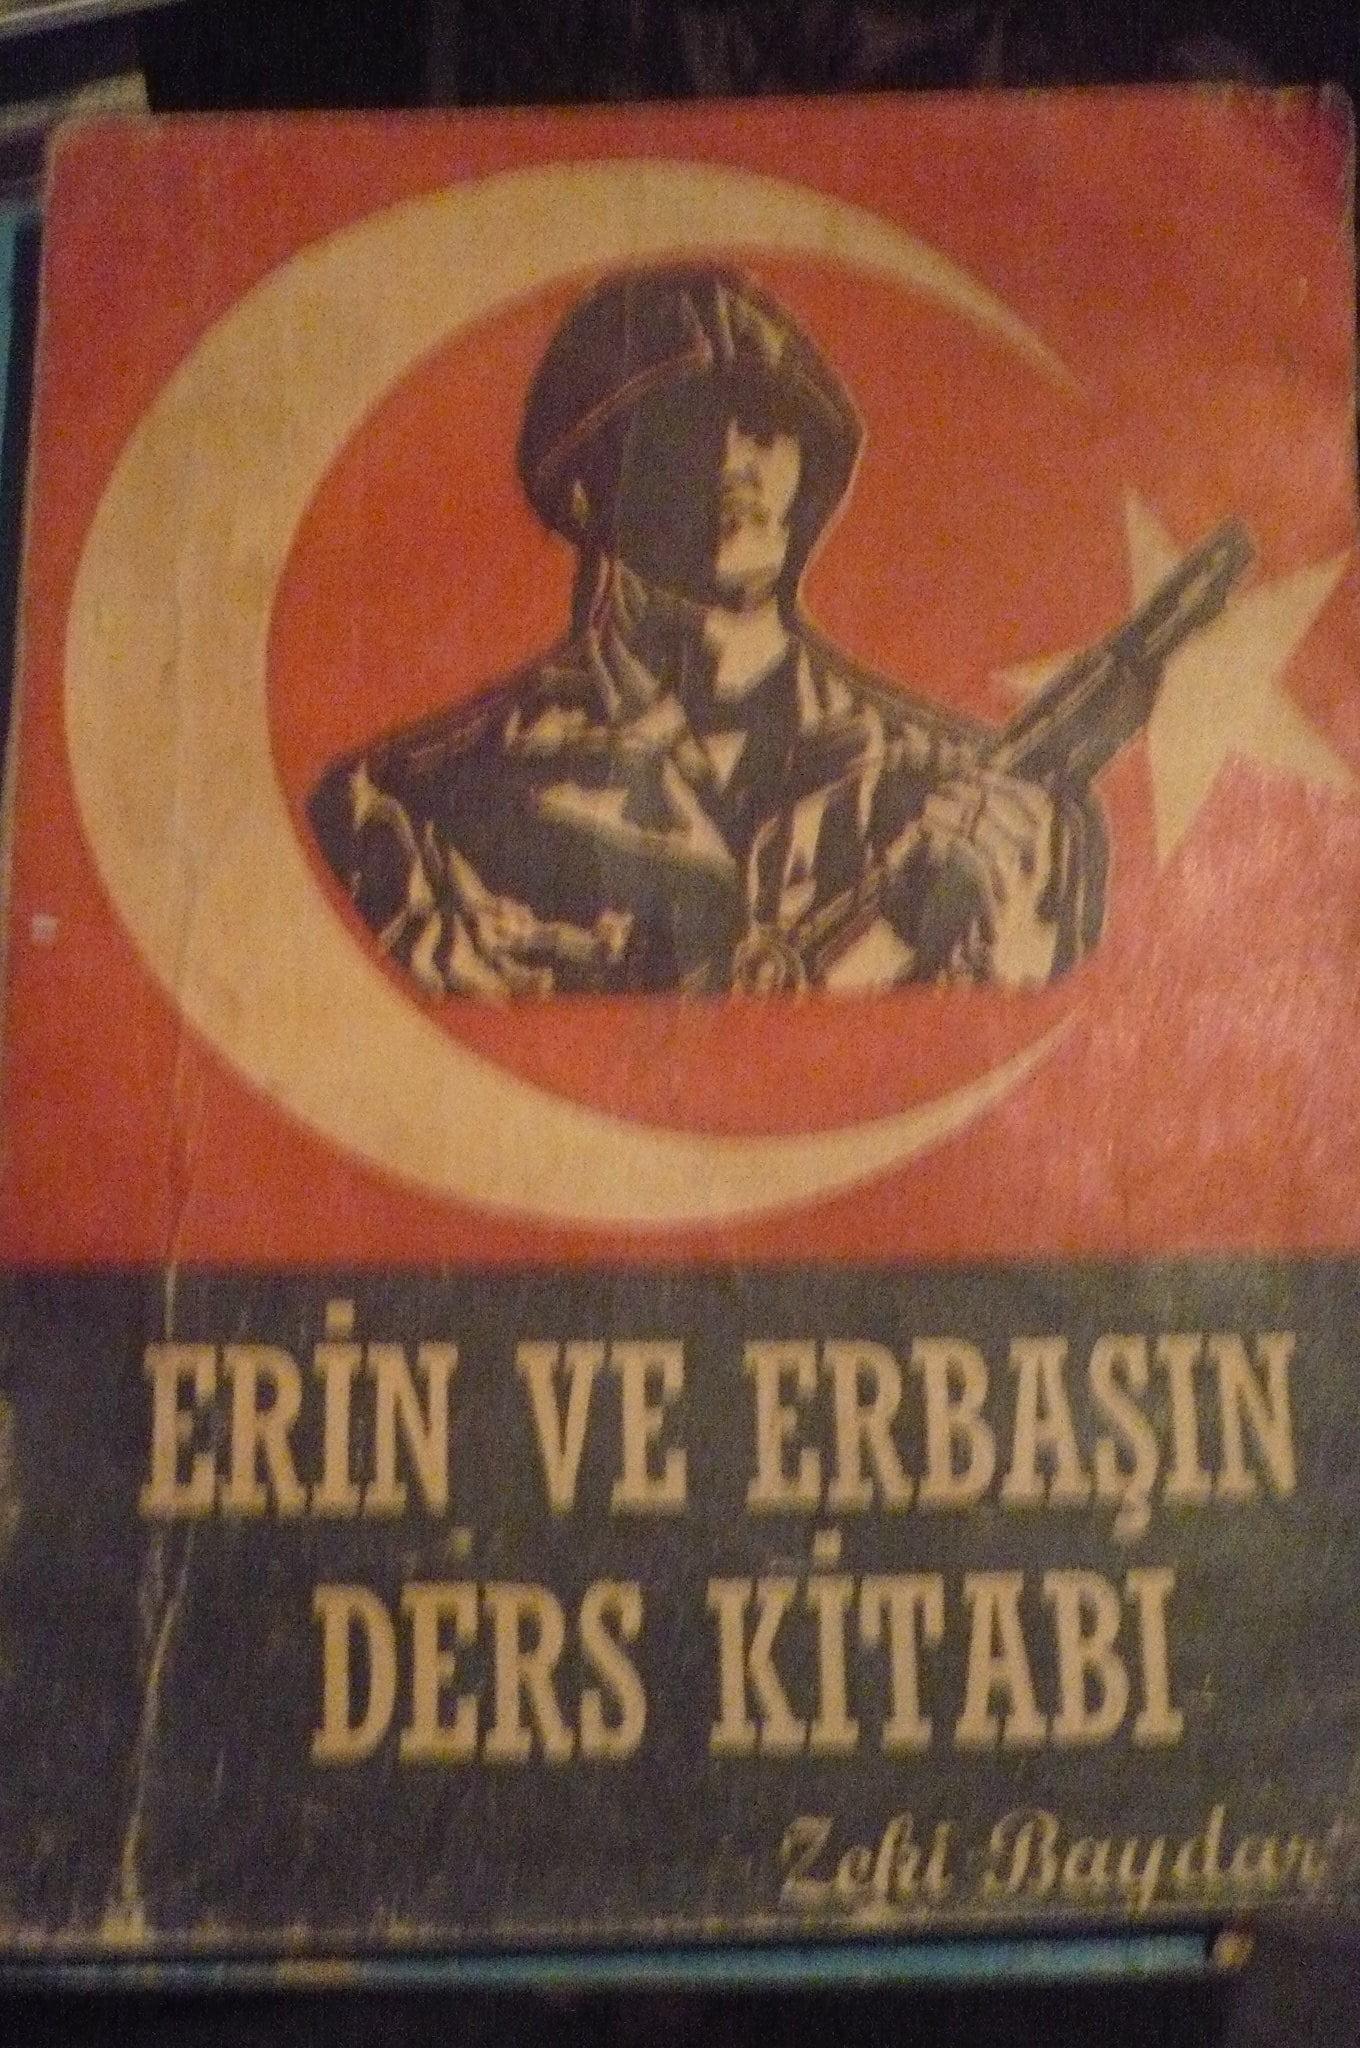 ERİN VE ERBAŞIN DERS KİTABI/Zeki BAYDAR/3 TL(satıldı)